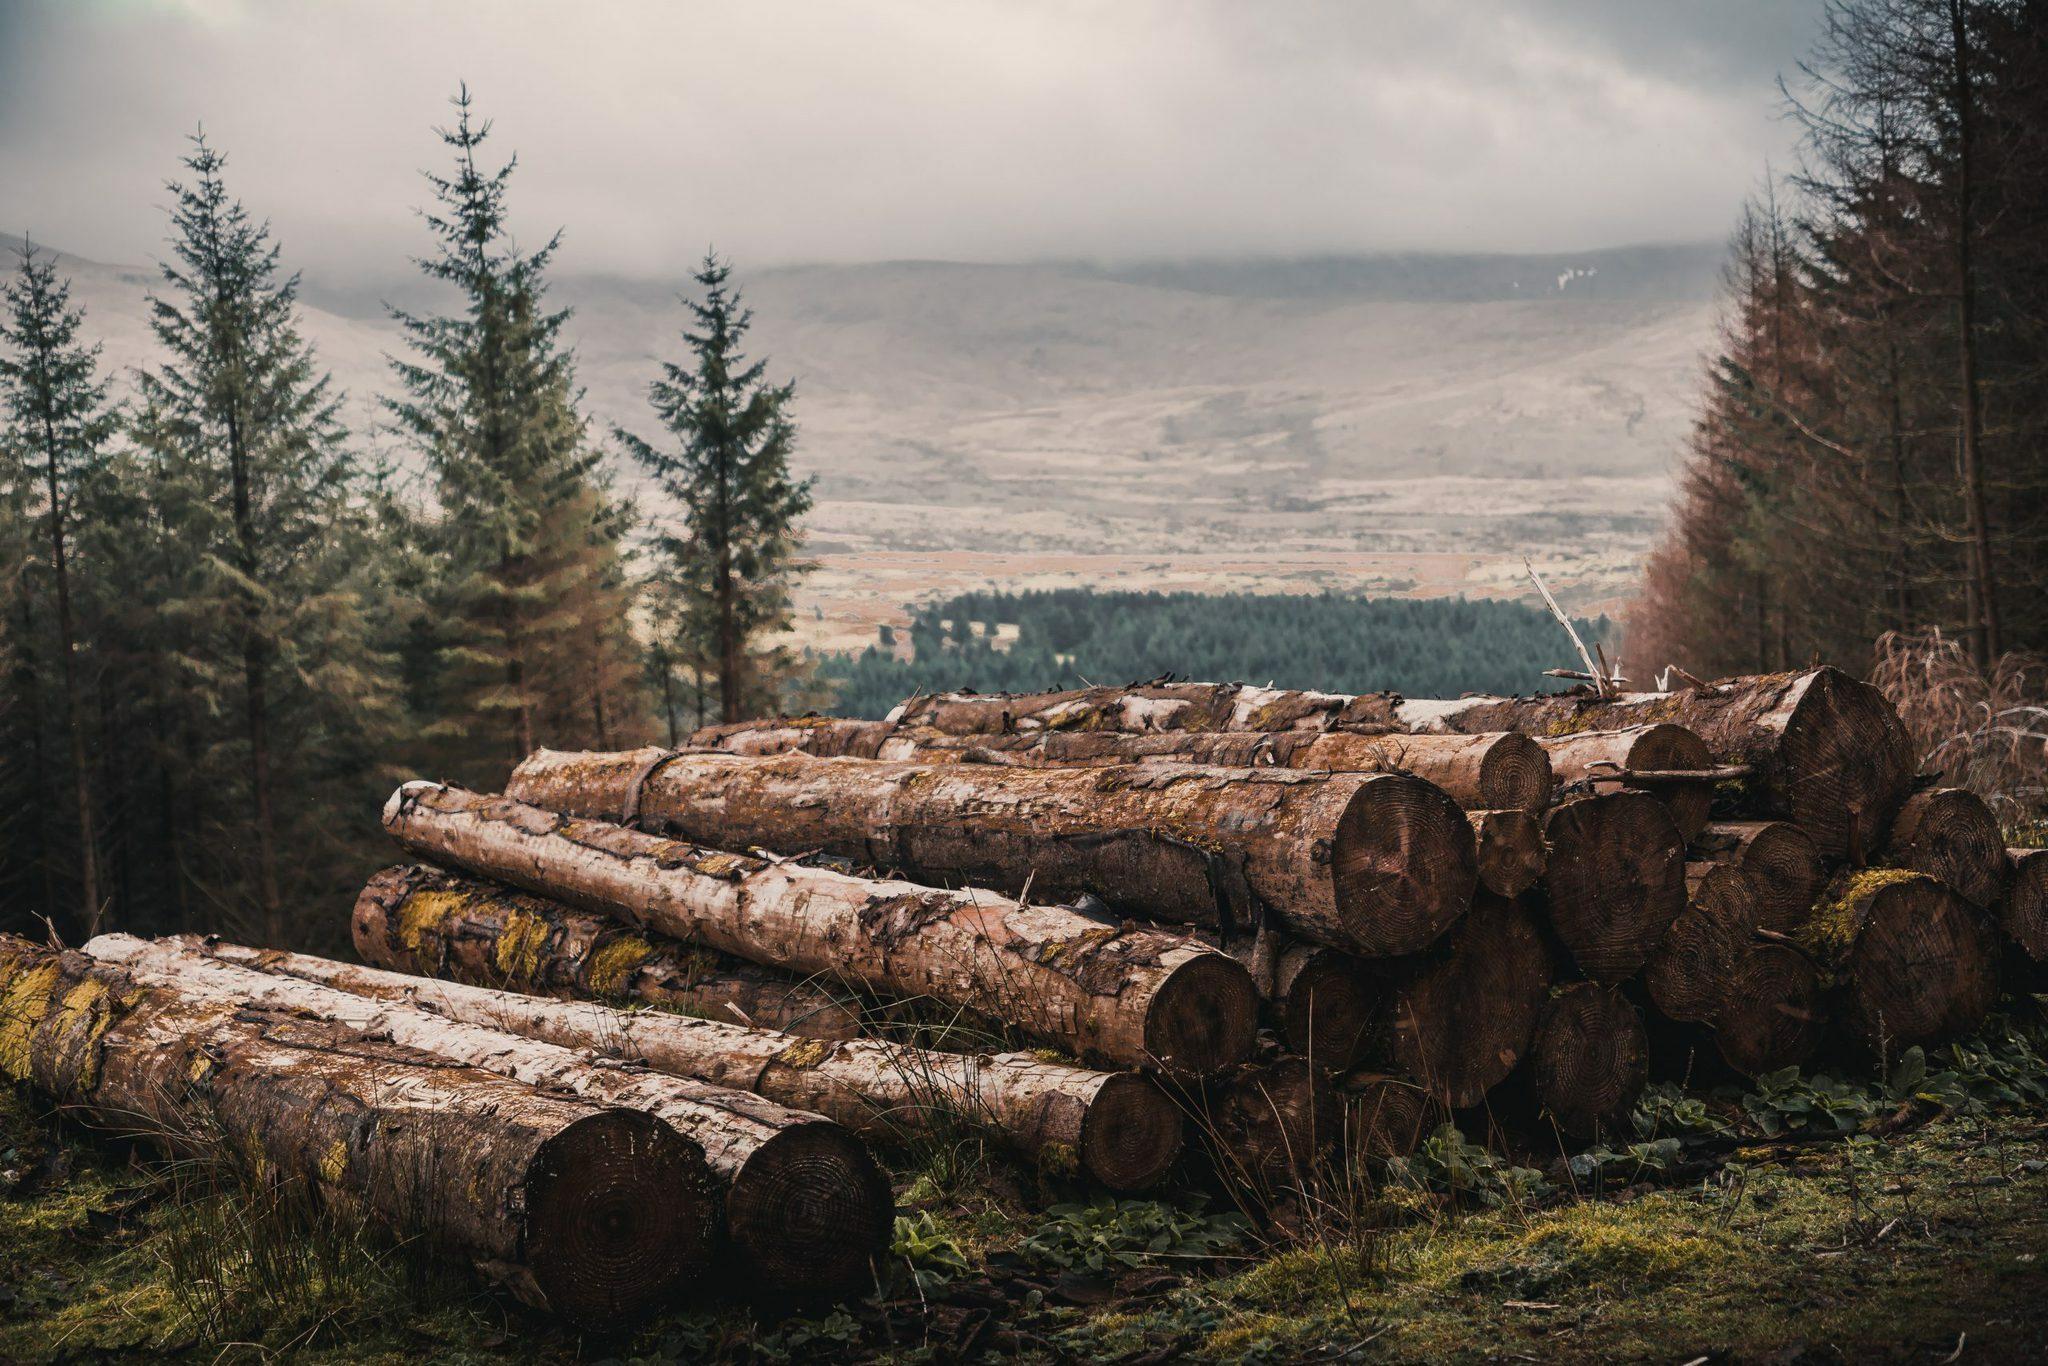 tencel troncs d'arbre de forets ecogérées